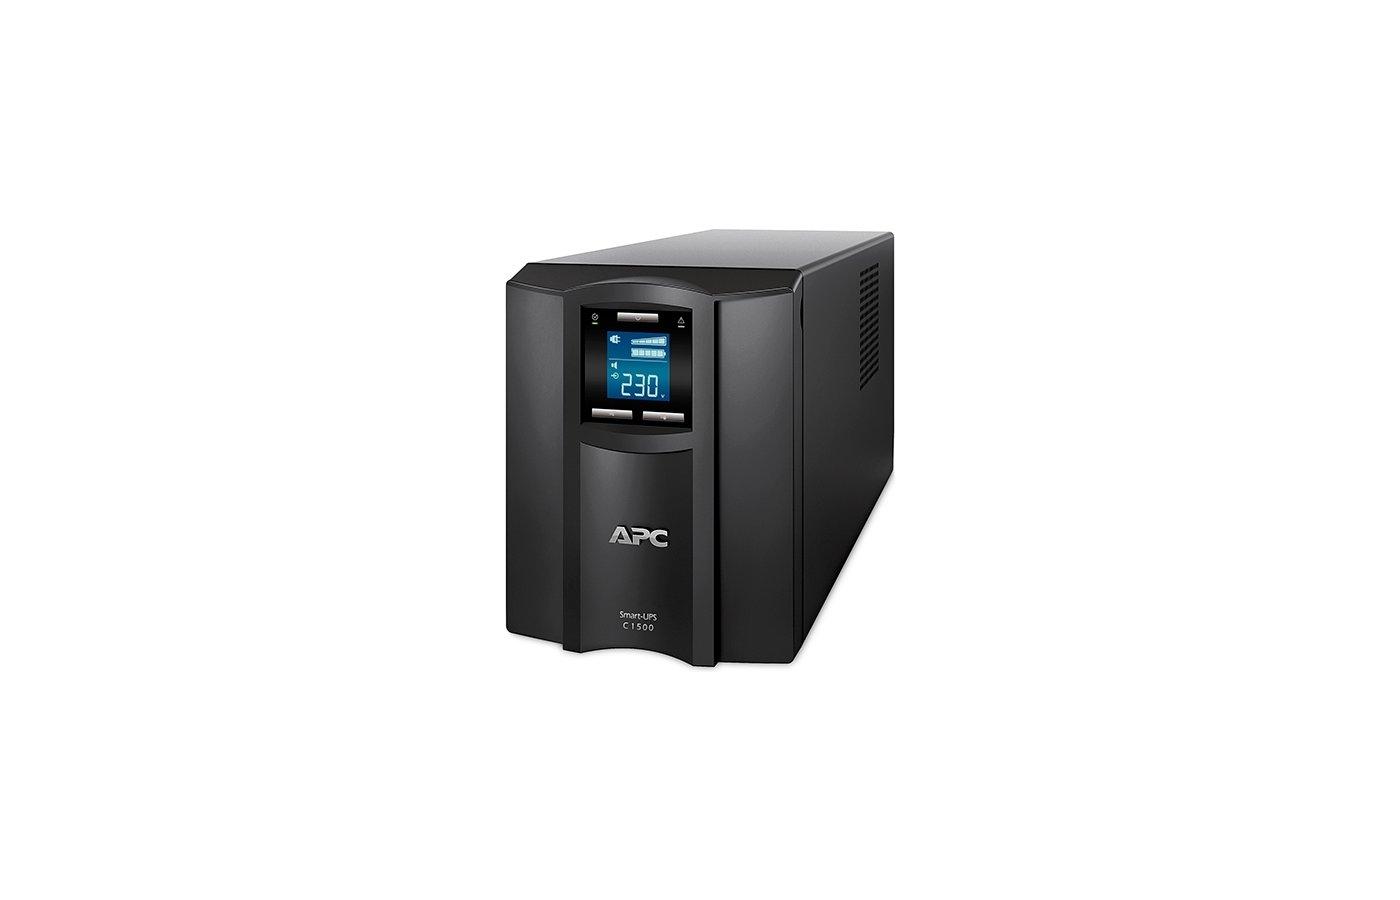 Блок питания APC Smart-UPS SMC1500I-2U 1500VA черный Входной 230V/Выход 230V USB 2U LCD